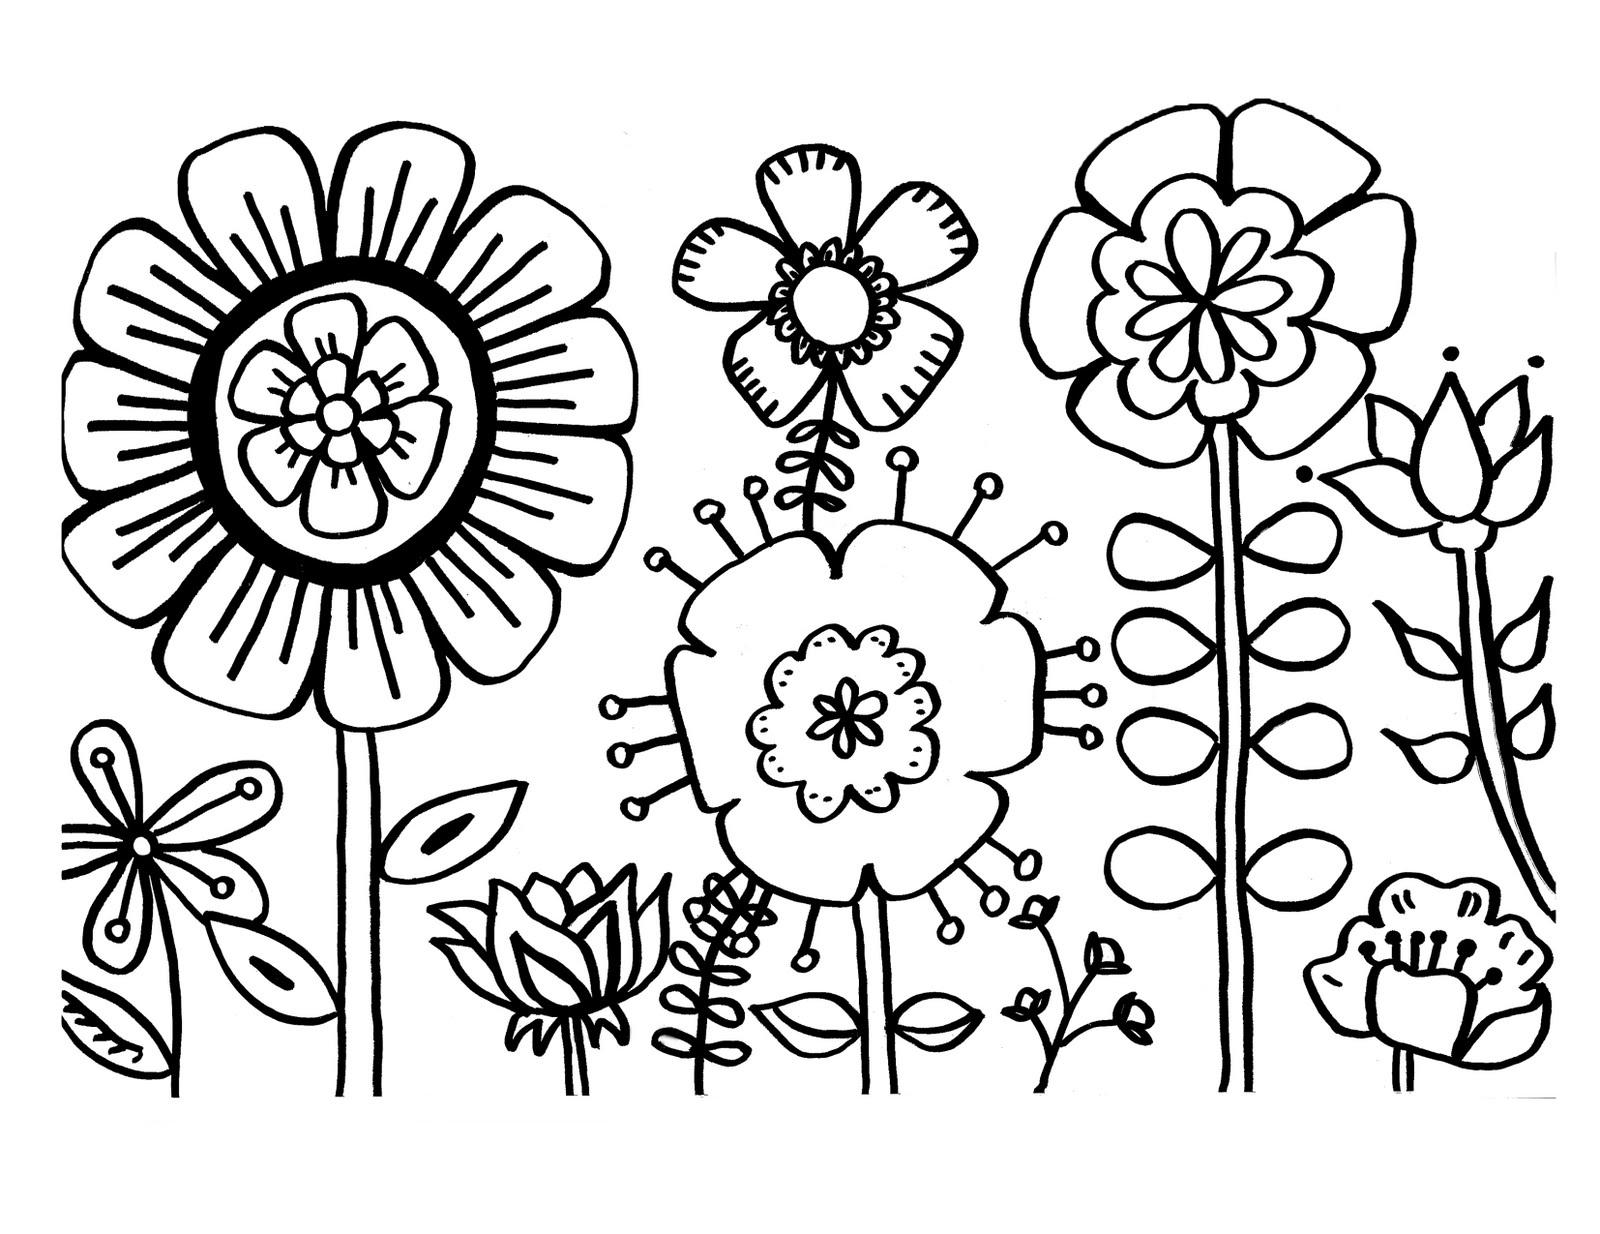 Tranh tô màu vườn hoa đơn giản